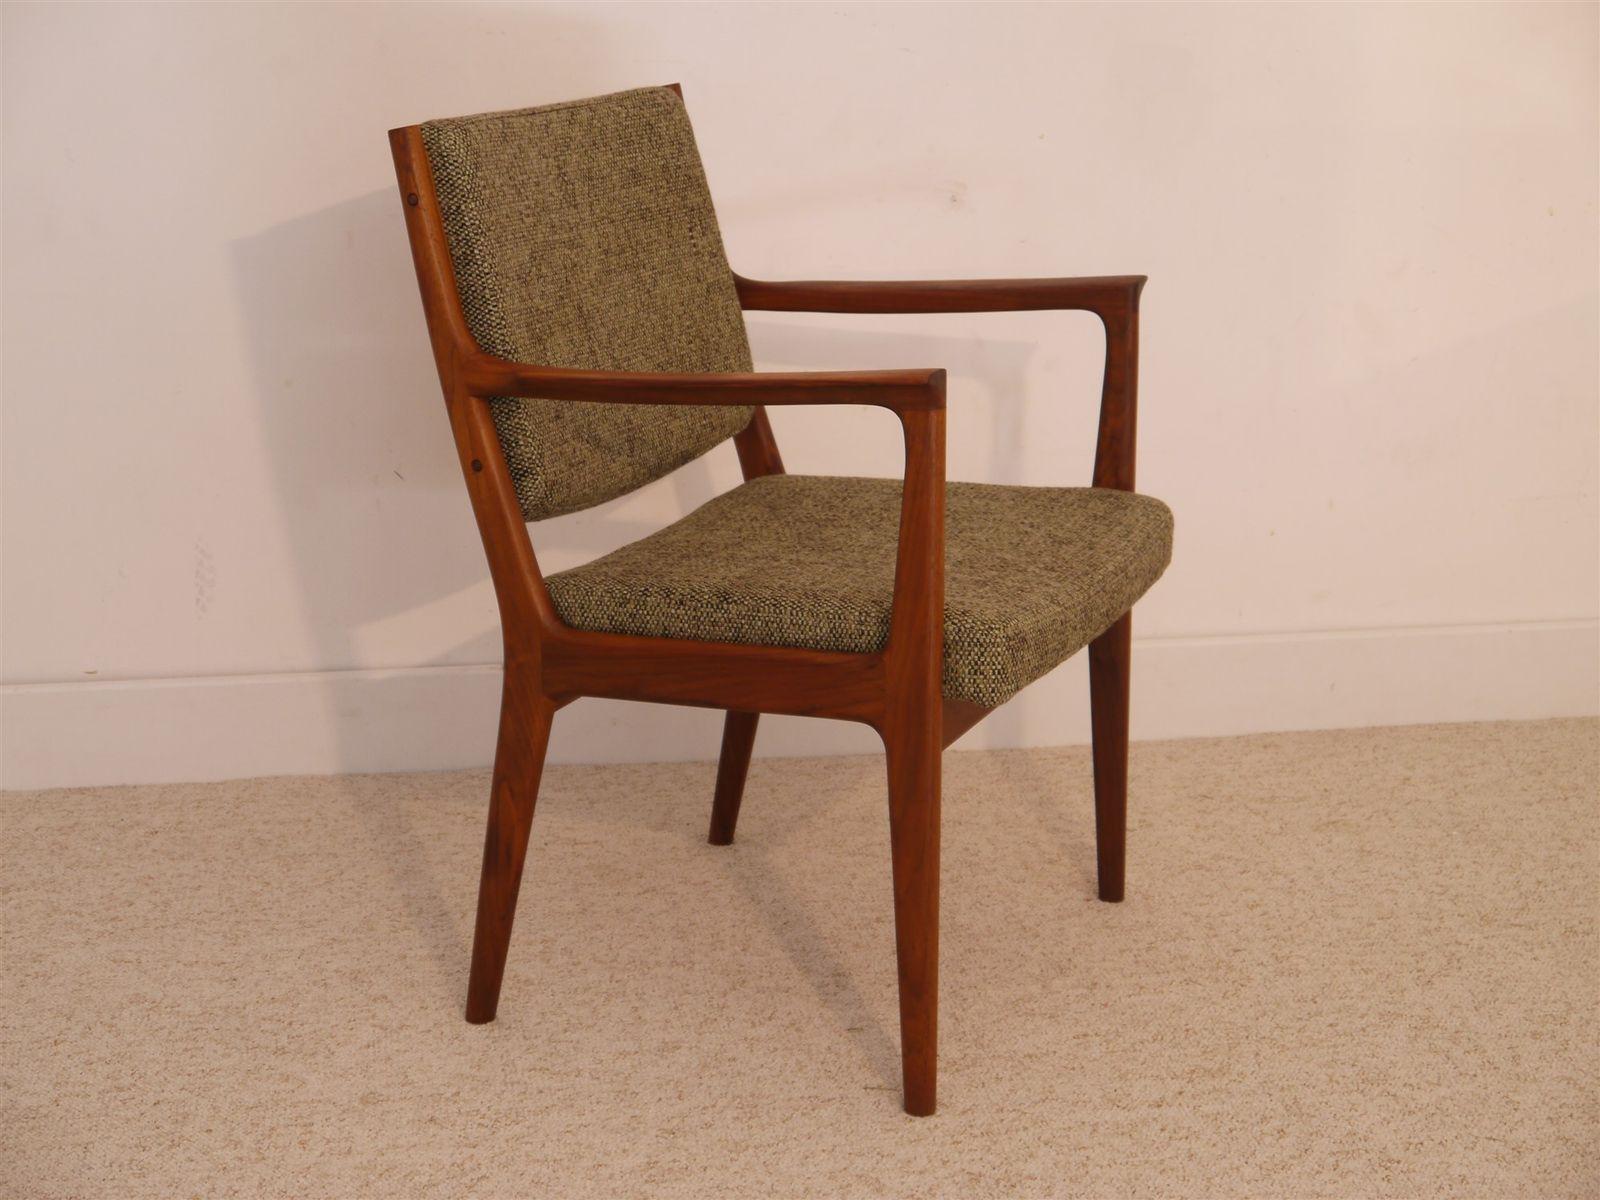 fauteuil vintage en teck par karl erik ekselius pour joc vetlanda 1960s en vente sur pamono. Black Bedroom Furniture Sets. Home Design Ideas